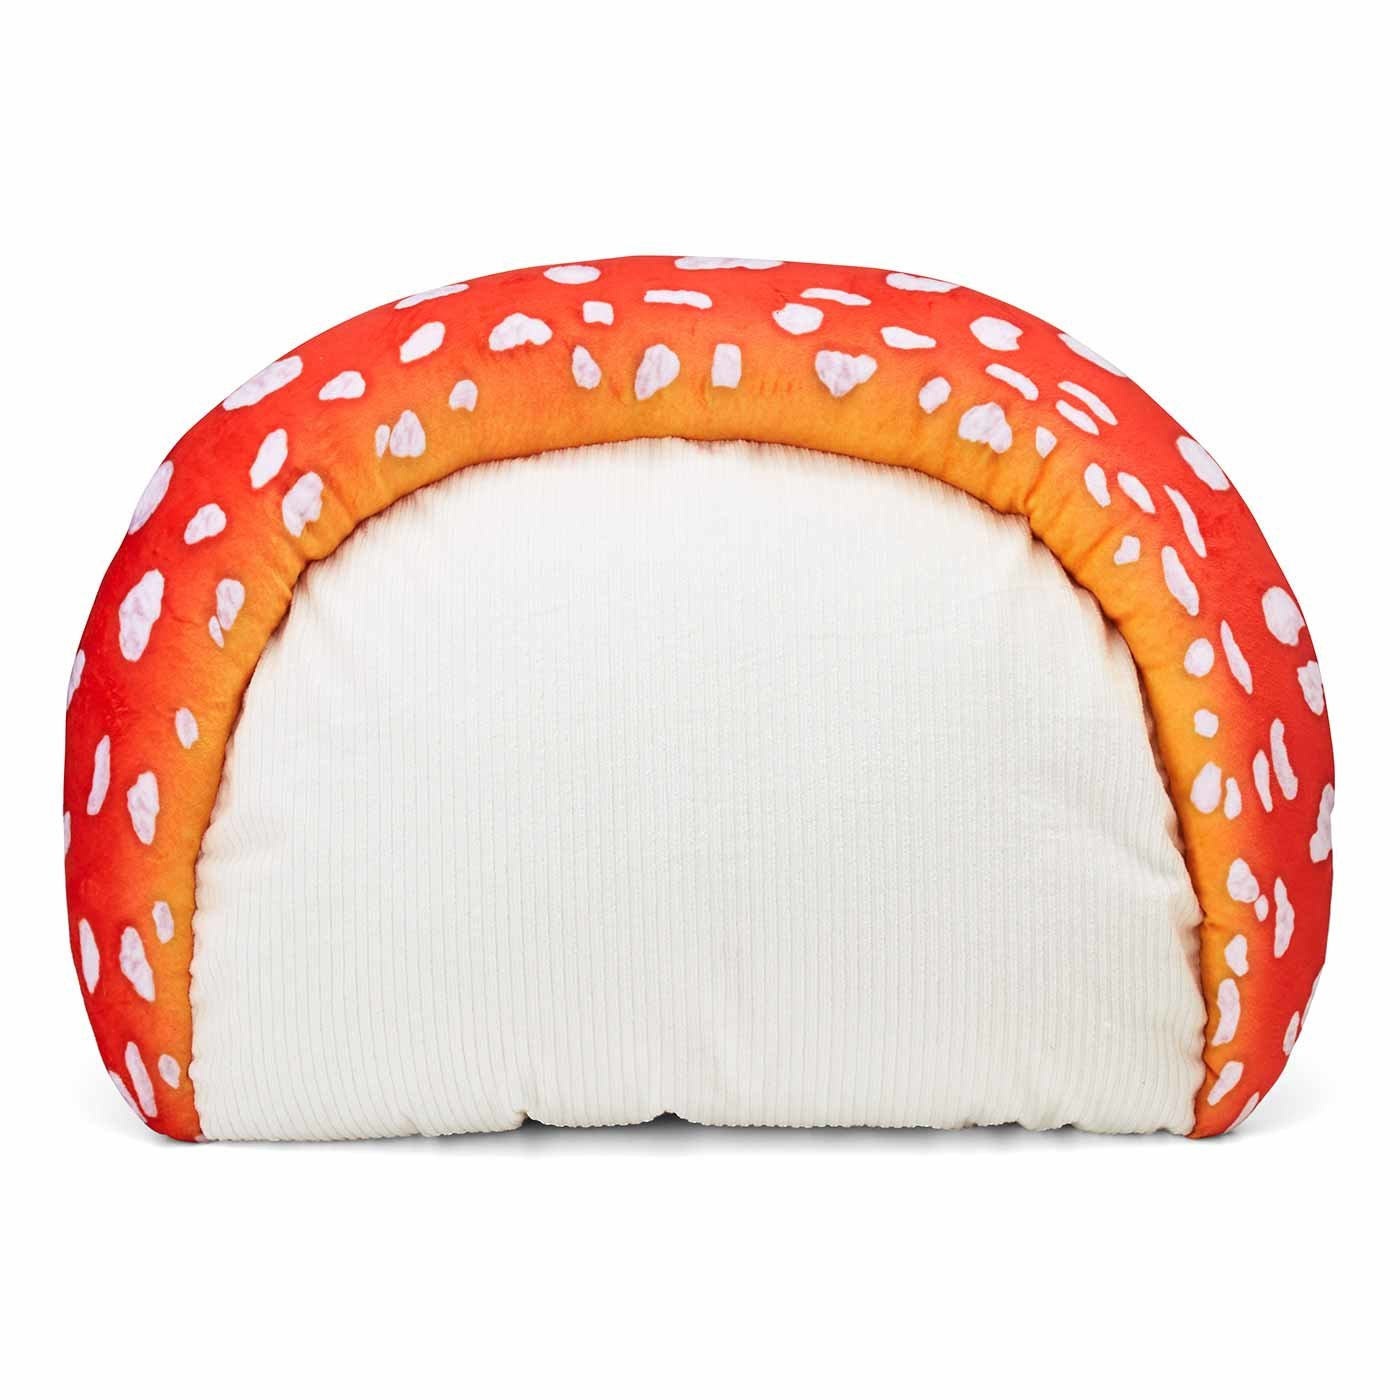 YOU+MORE! ふっくら肉厚 いい夢見られそうなベニテングタケの枕カバー